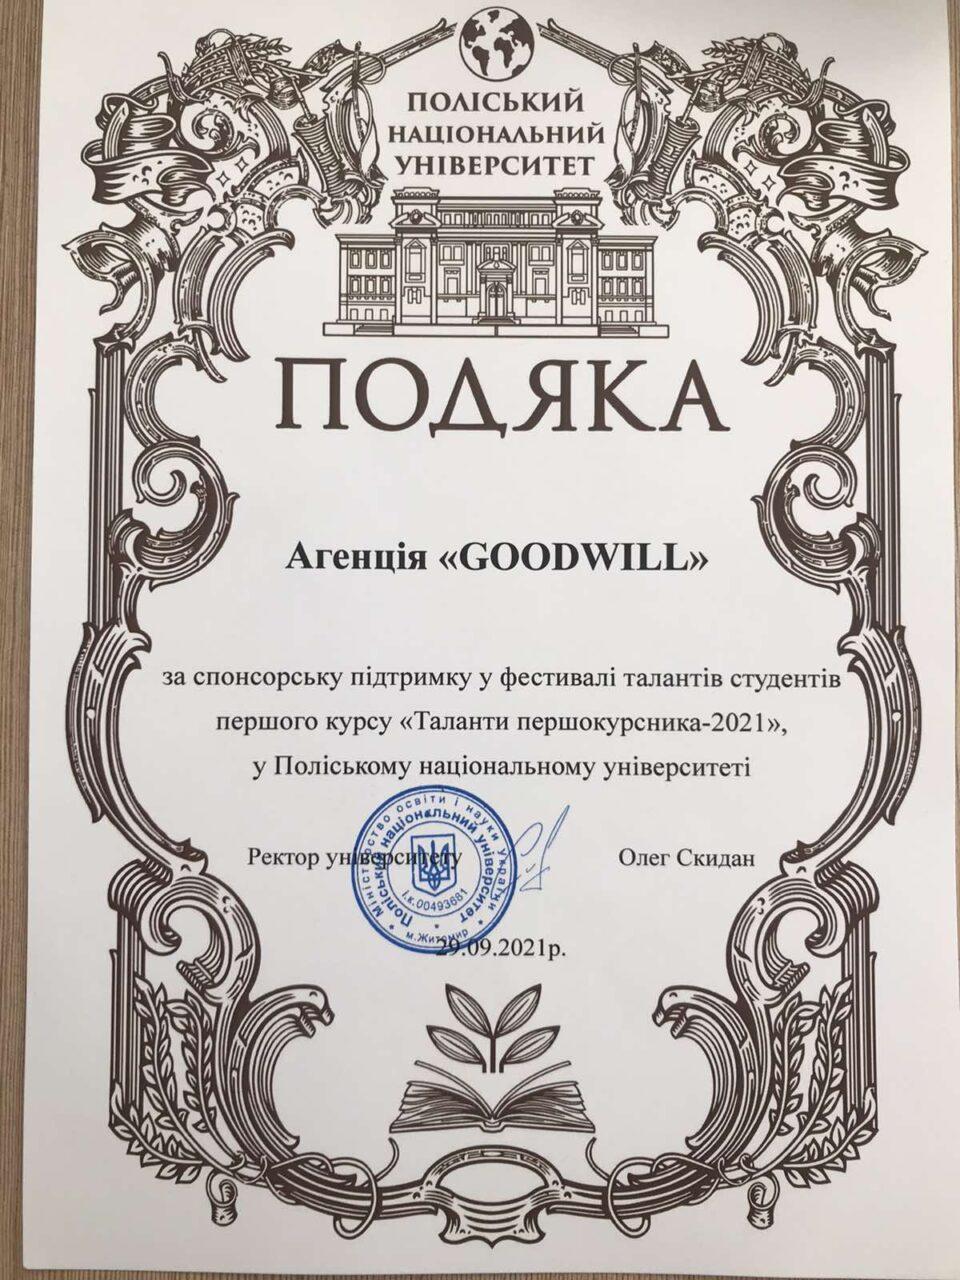 """""""Таланти першокурсника – 2021"""" у Поліському Національному Університеті"""